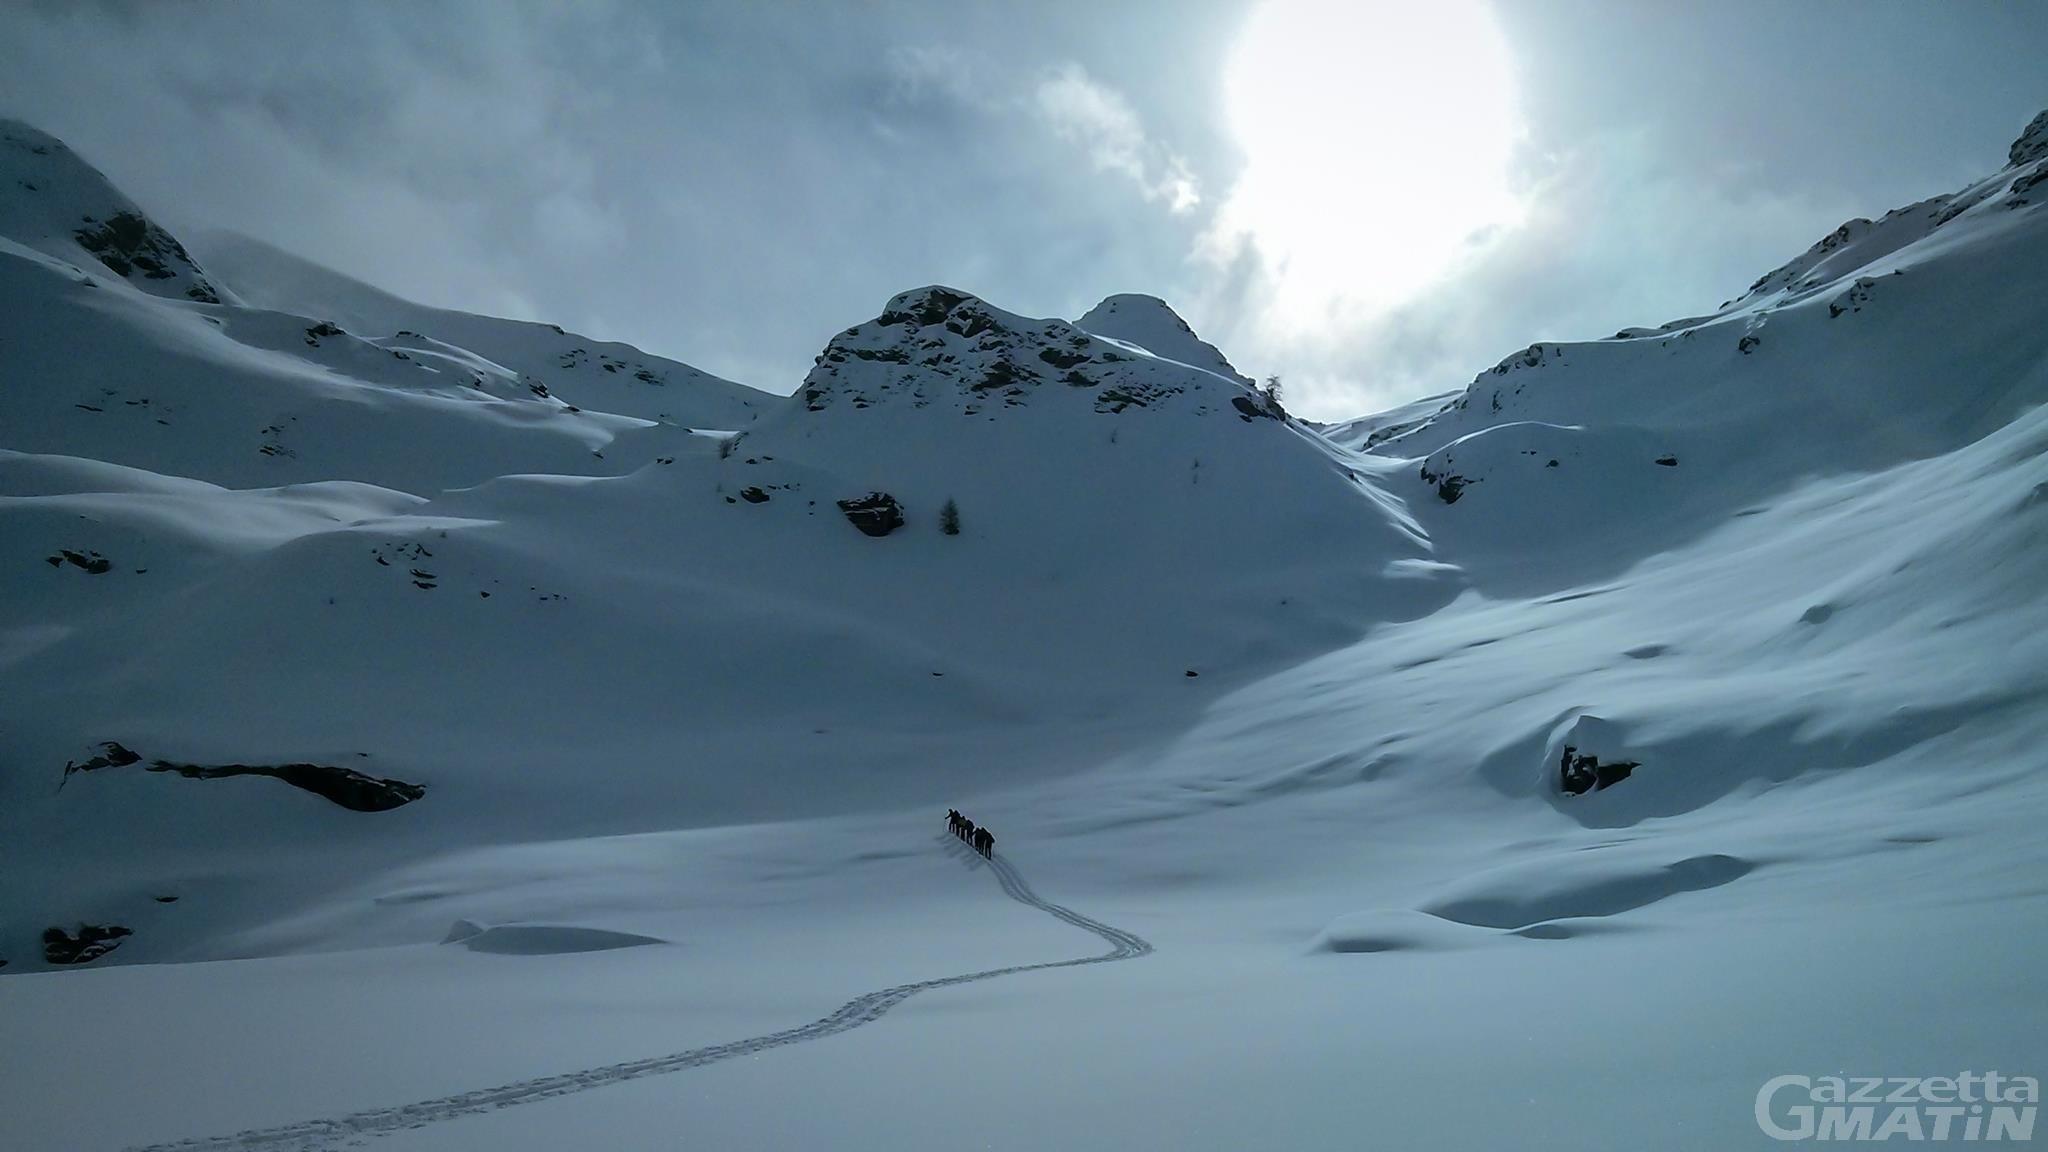 Scialpinismo: oltre 500 firme alla petizione per liberalizzare la pratica in Valle d'Aosta